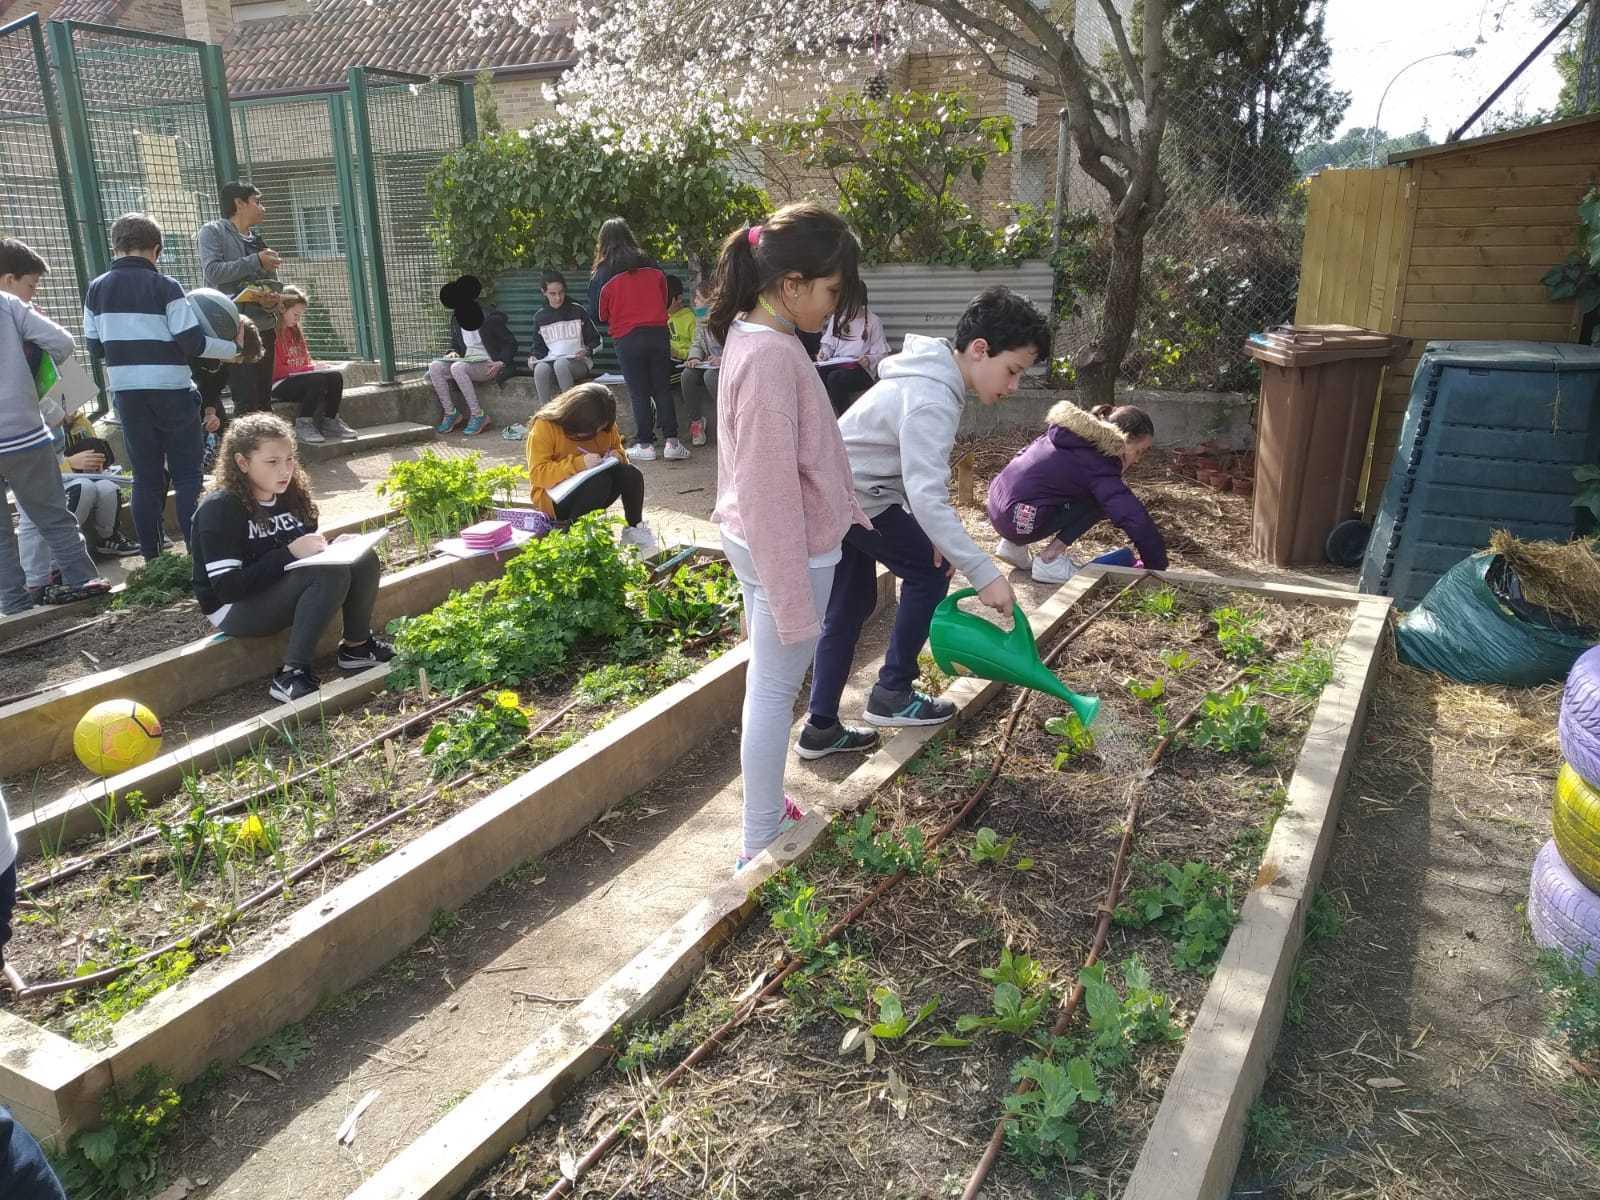 2019_02_24_Quinto termina febrero con las actividades de huerto_CEIP FDLR_Las Rozas_2019 4